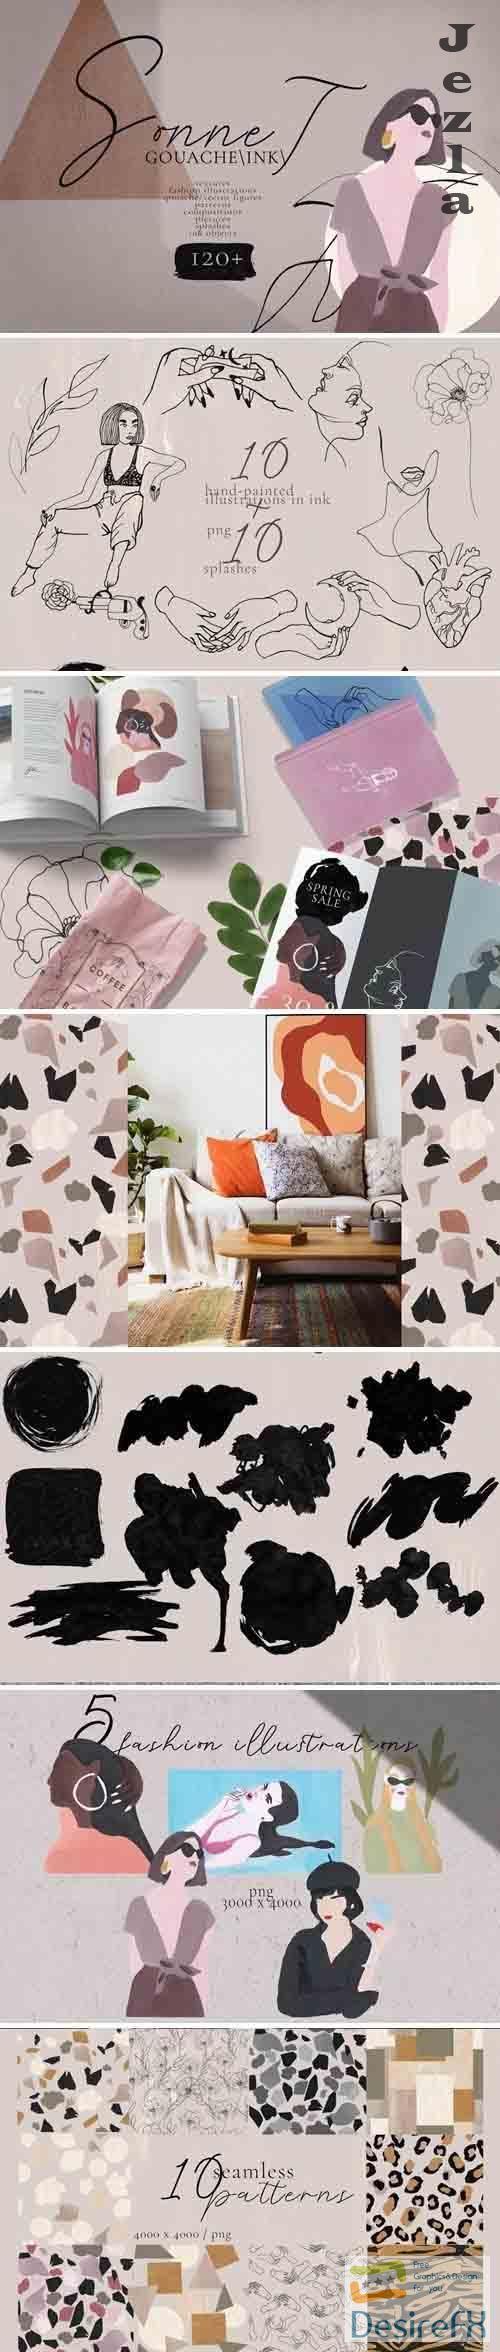 Sonnet - abstract gouache/ink art - 3688099